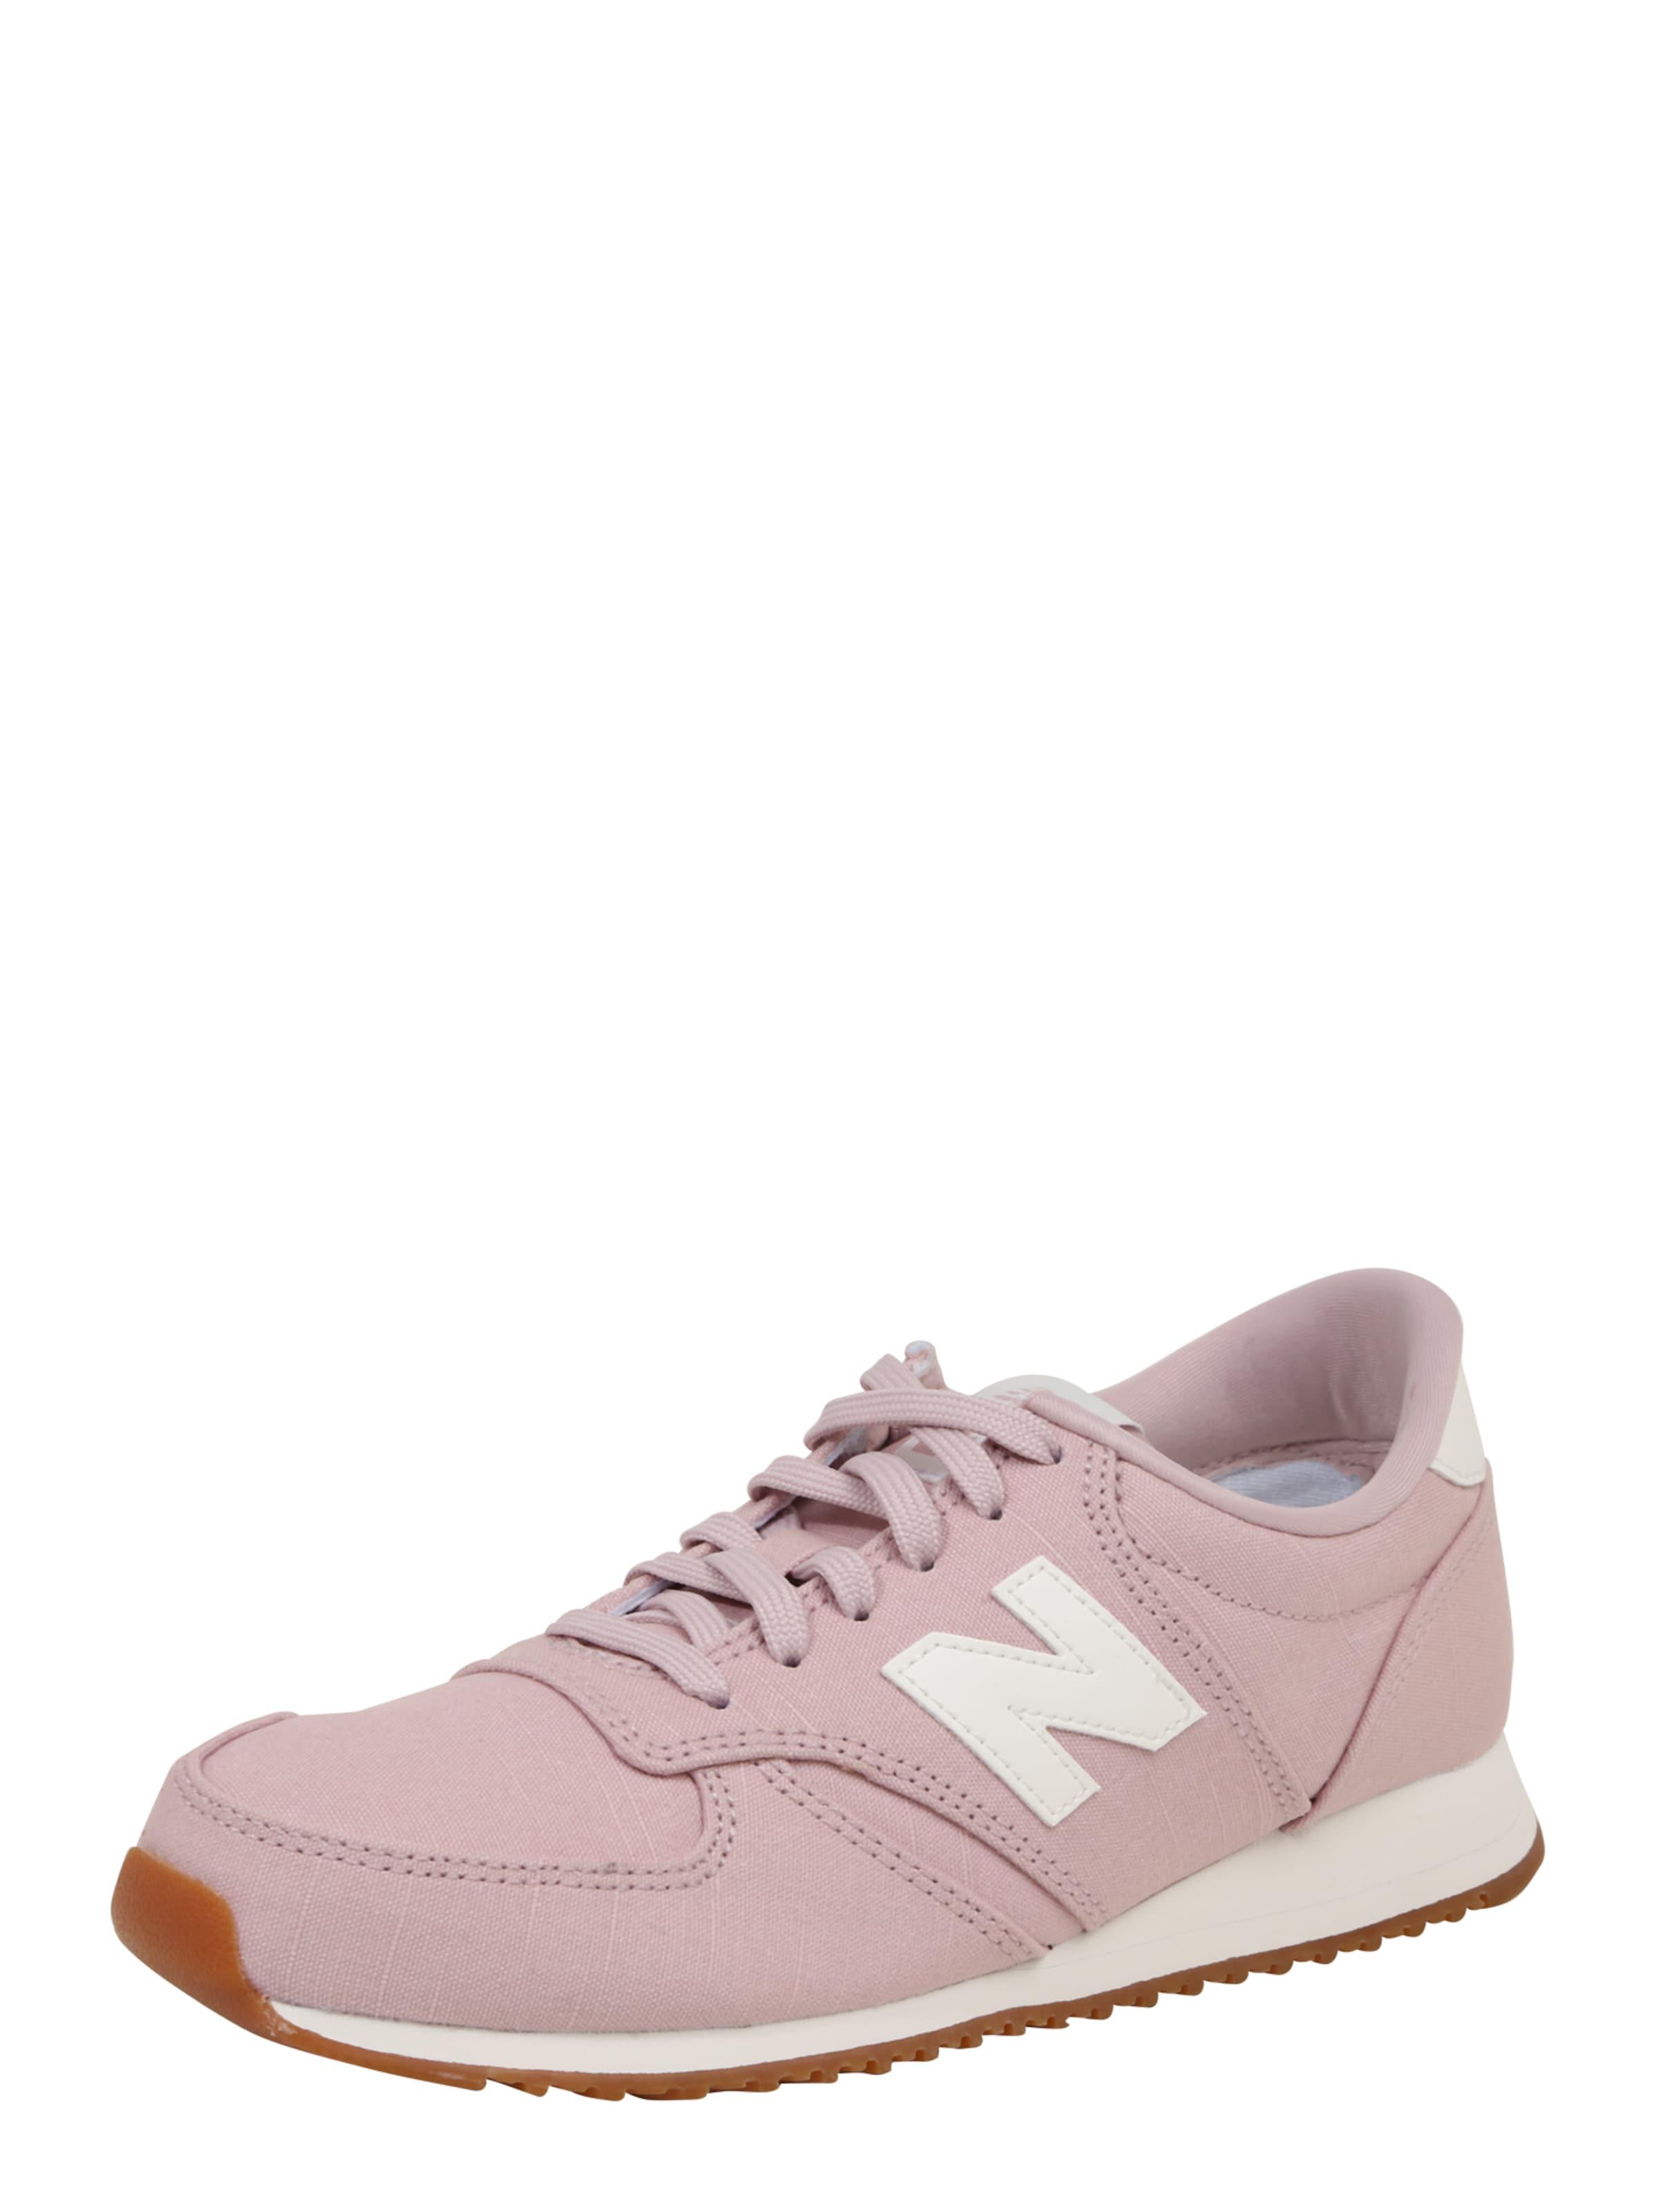 Balance RauchgrauWeiß In New Sneaker 'wl373' odBxCe